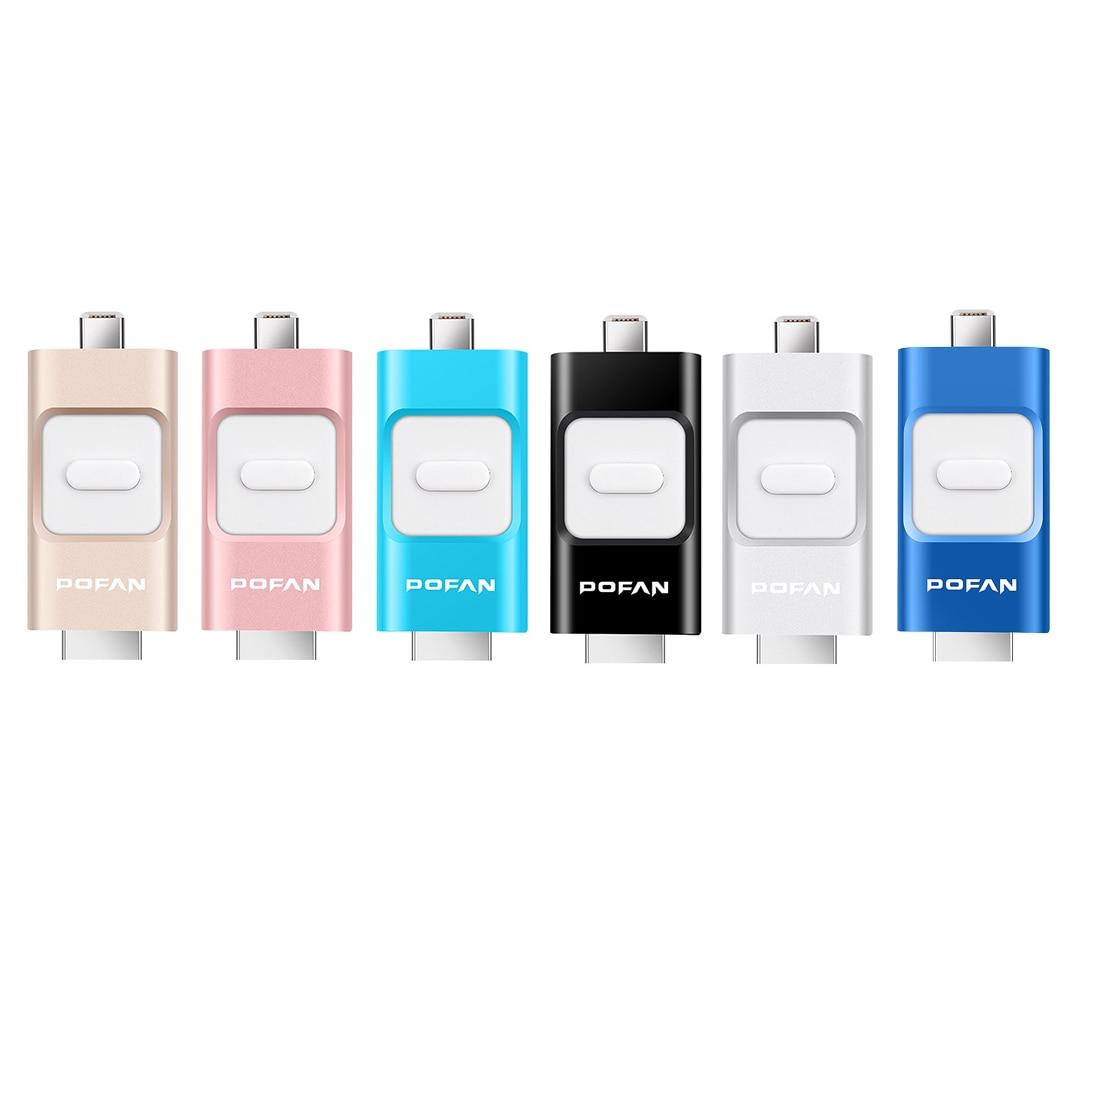 POFAN 16GB Mini Usb Metal Pen Drive Otg Usb Flash Drive For iPhone 5 5s 6